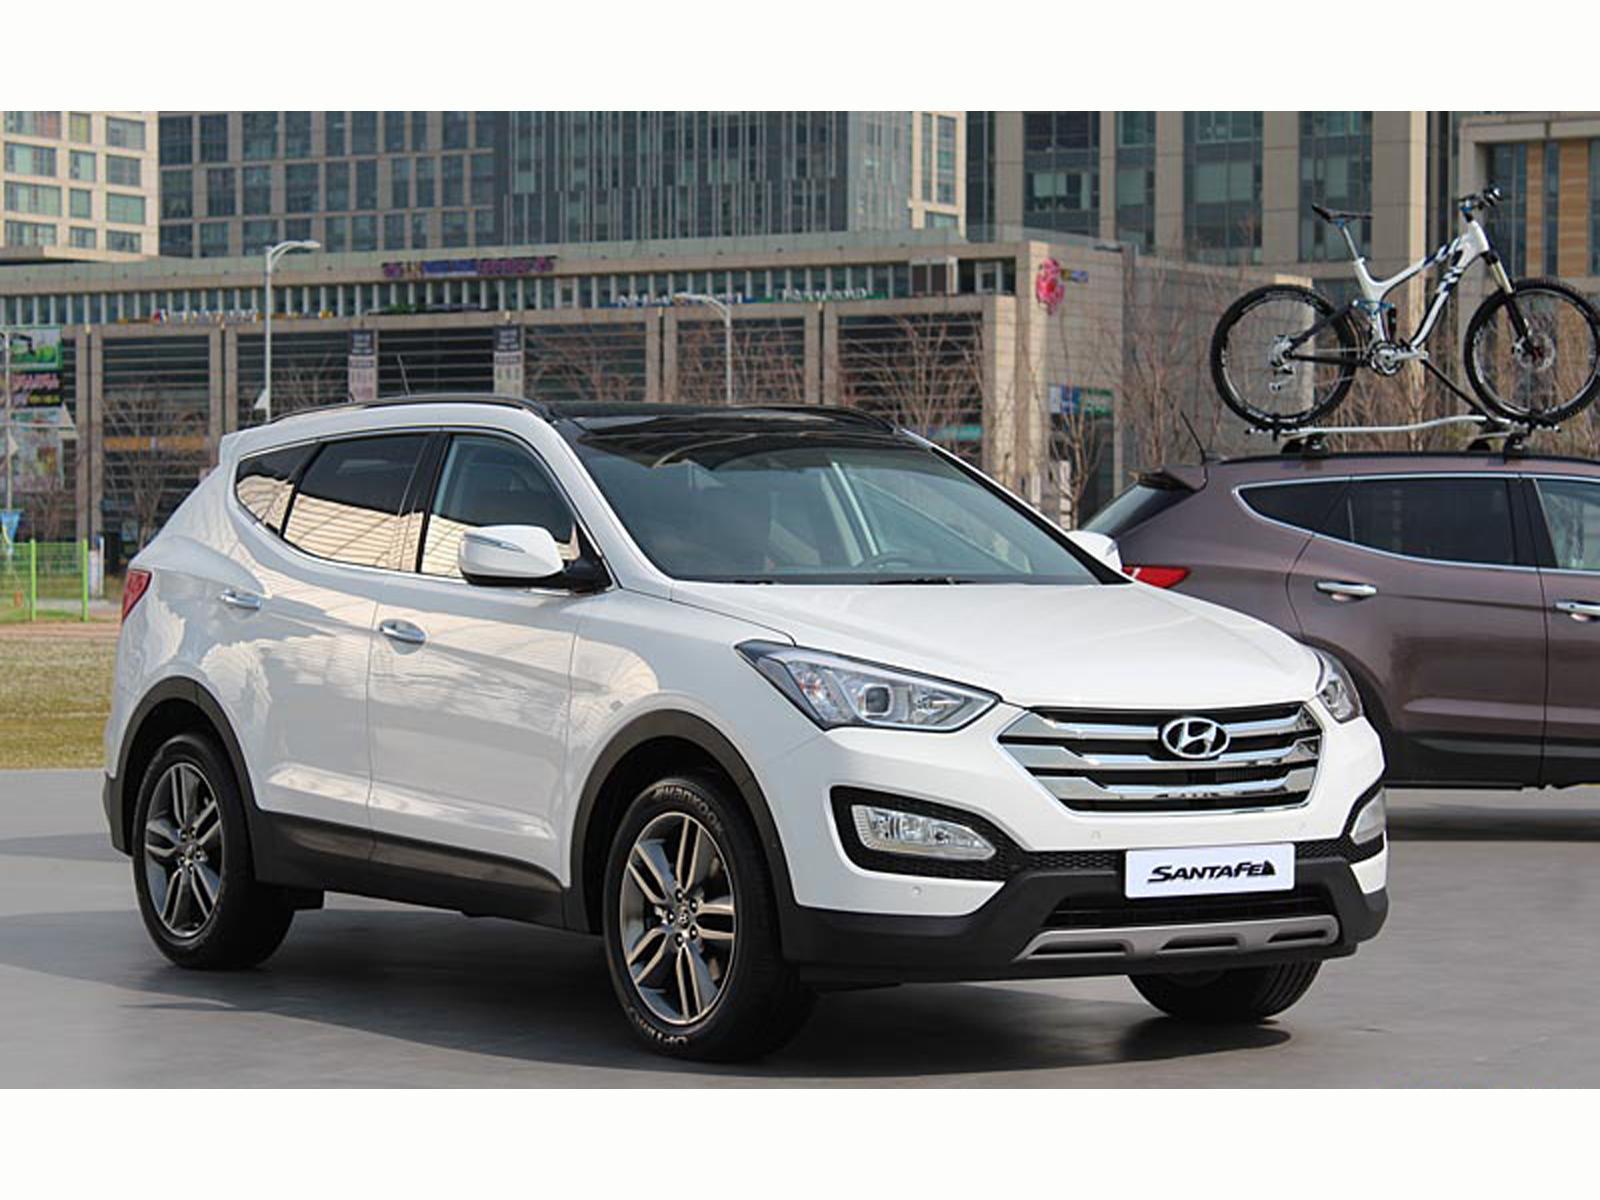 Si eres fanáticos de los autos coreanos conoce los más vendidos en el país asiático